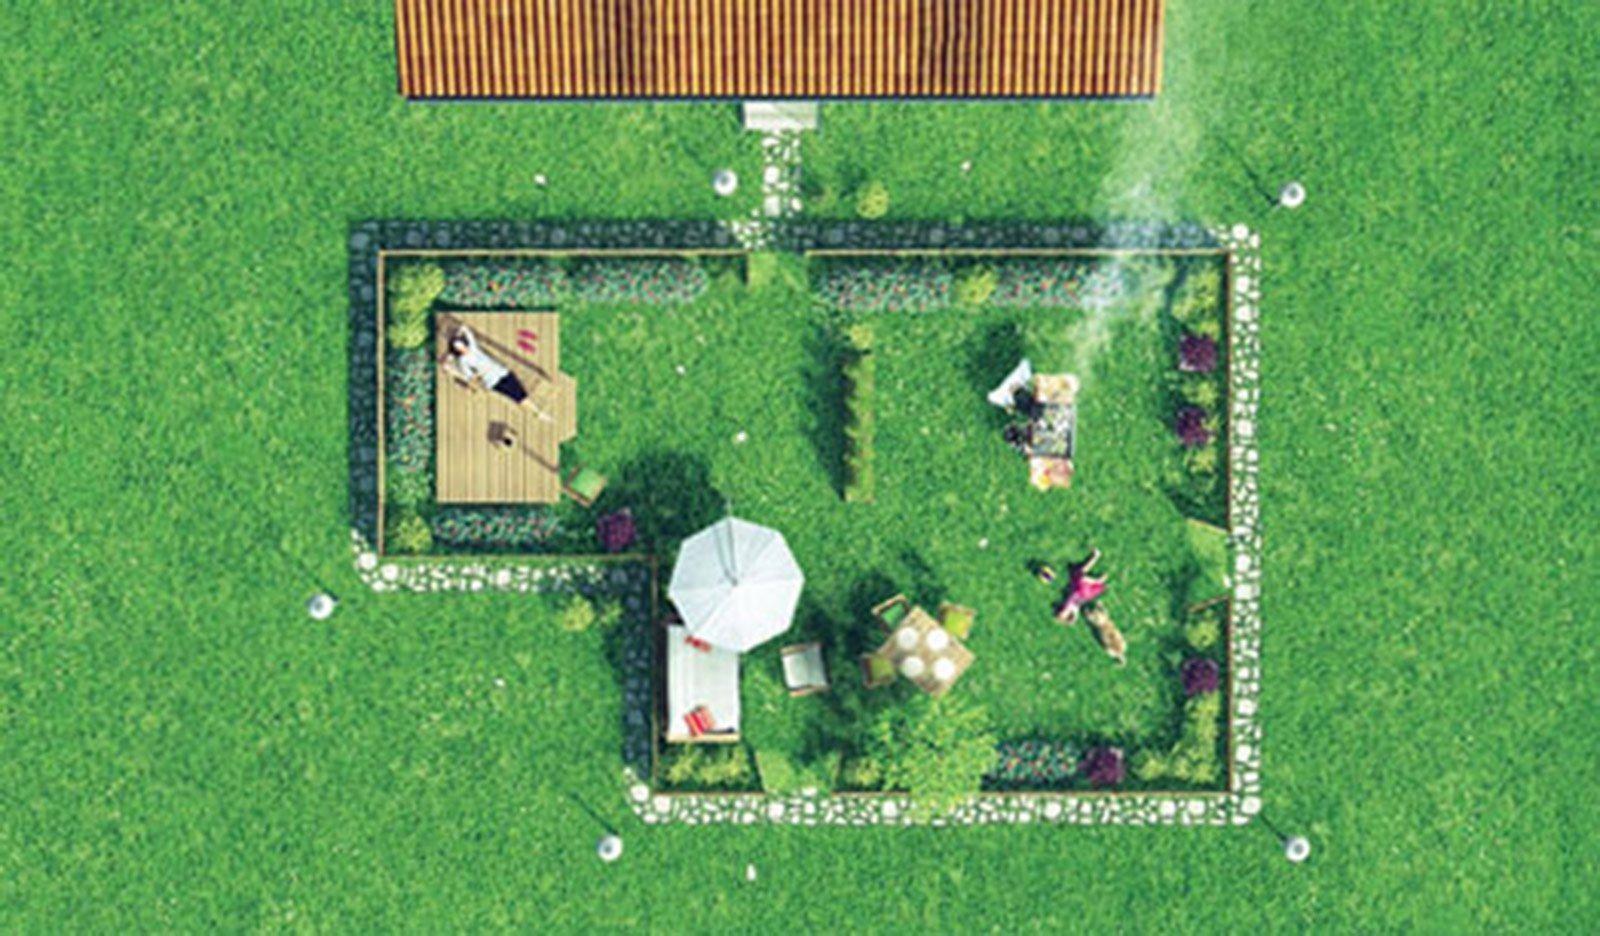 Le offerte di leroy merlin fino al 25 maggio cose di casa for Offerte articoli da giardino